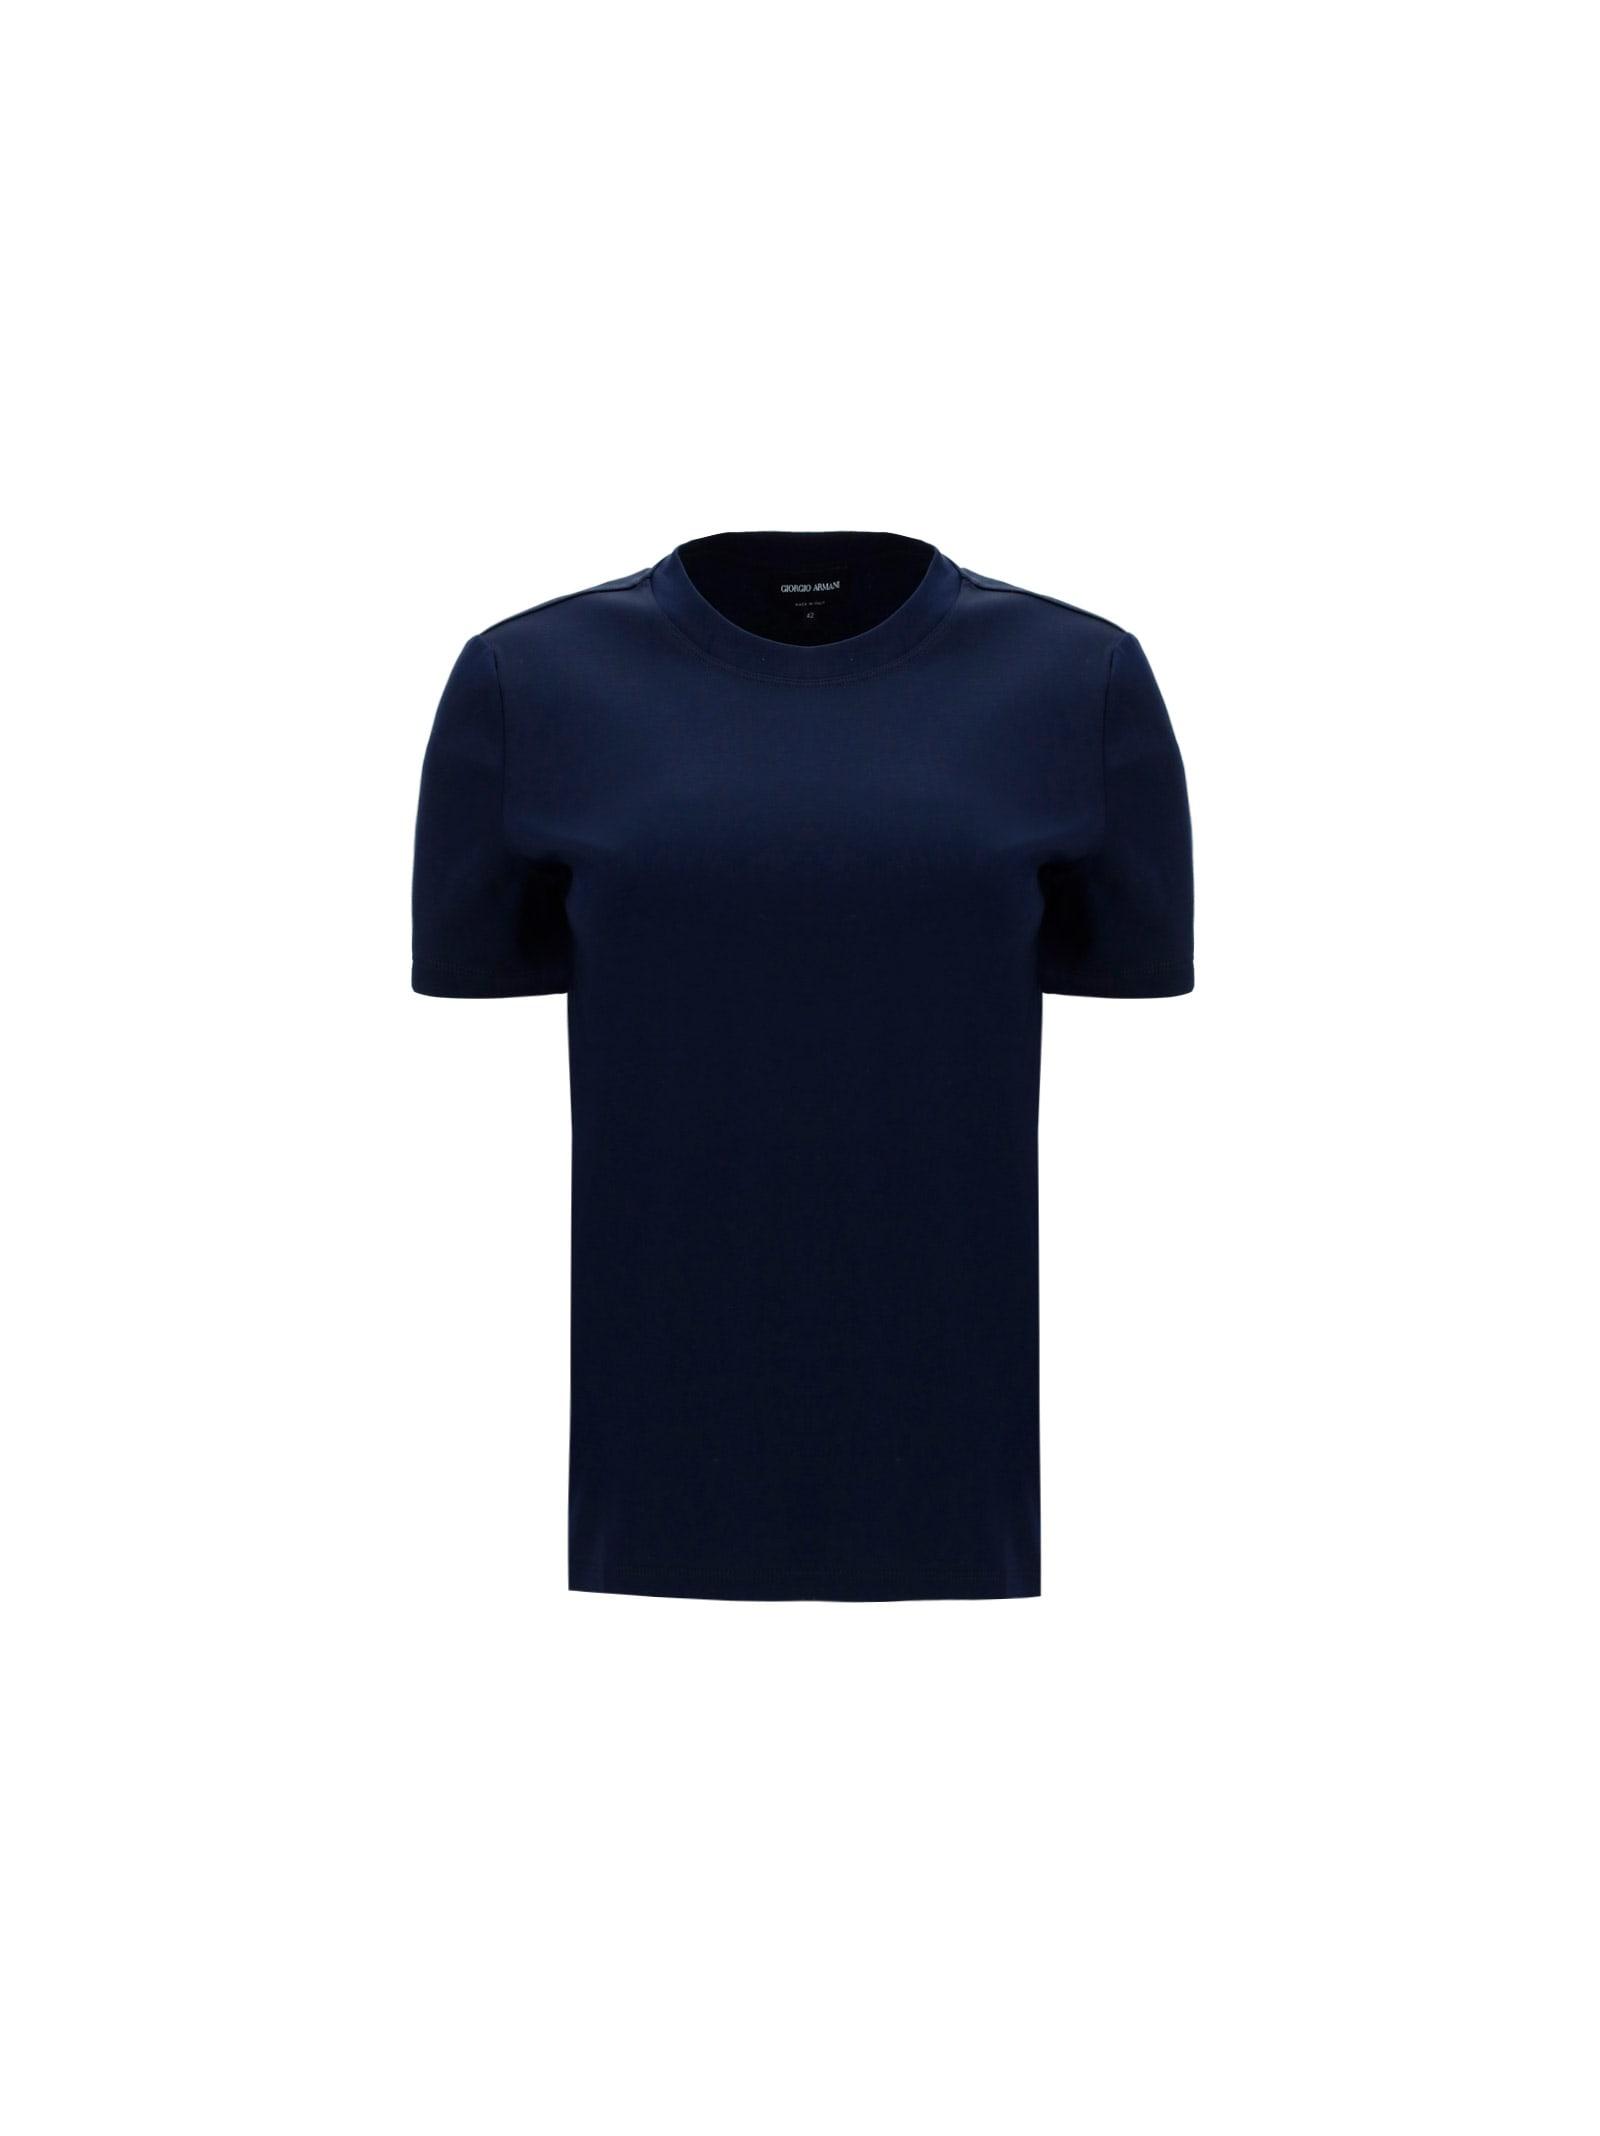 Giorgio Armani T-shirts T-SHIRT